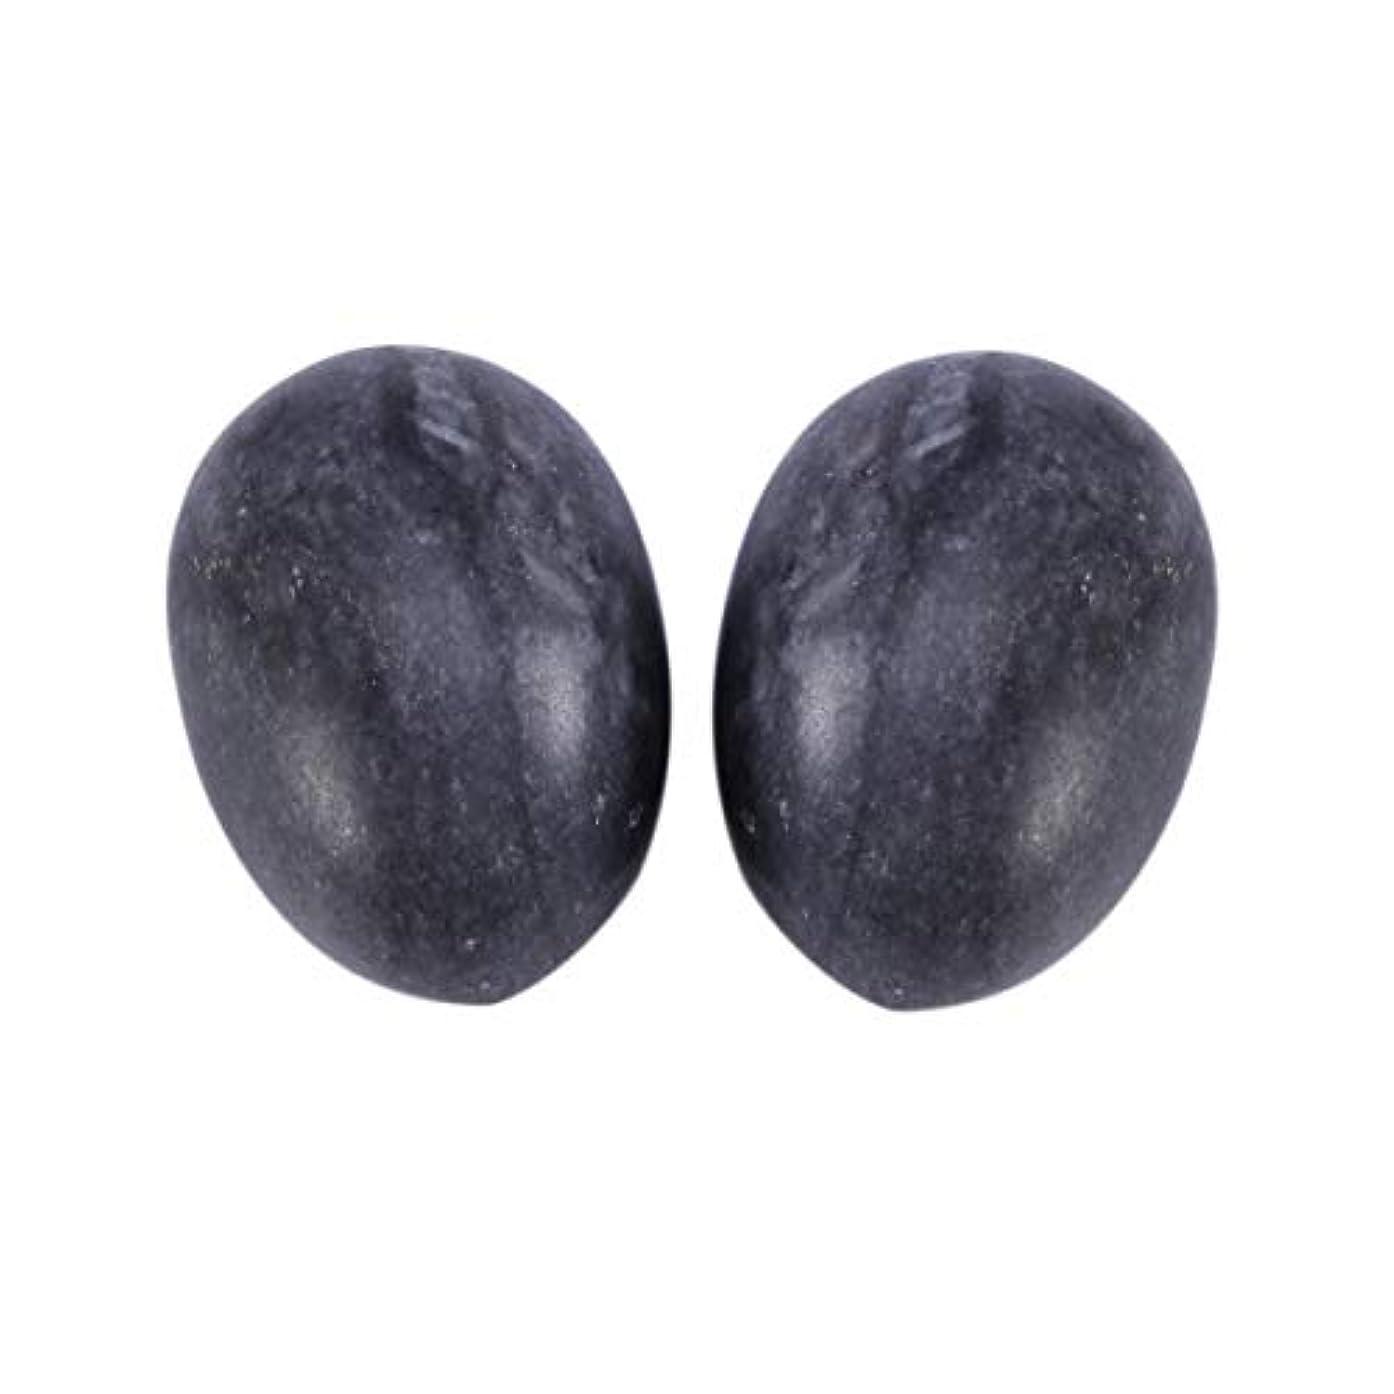 推進ゴム労苦Healifty 6PCS翡翠Yoni卵マッサージ癒しの石のケゲル運動骨盤底筋運動(黒)